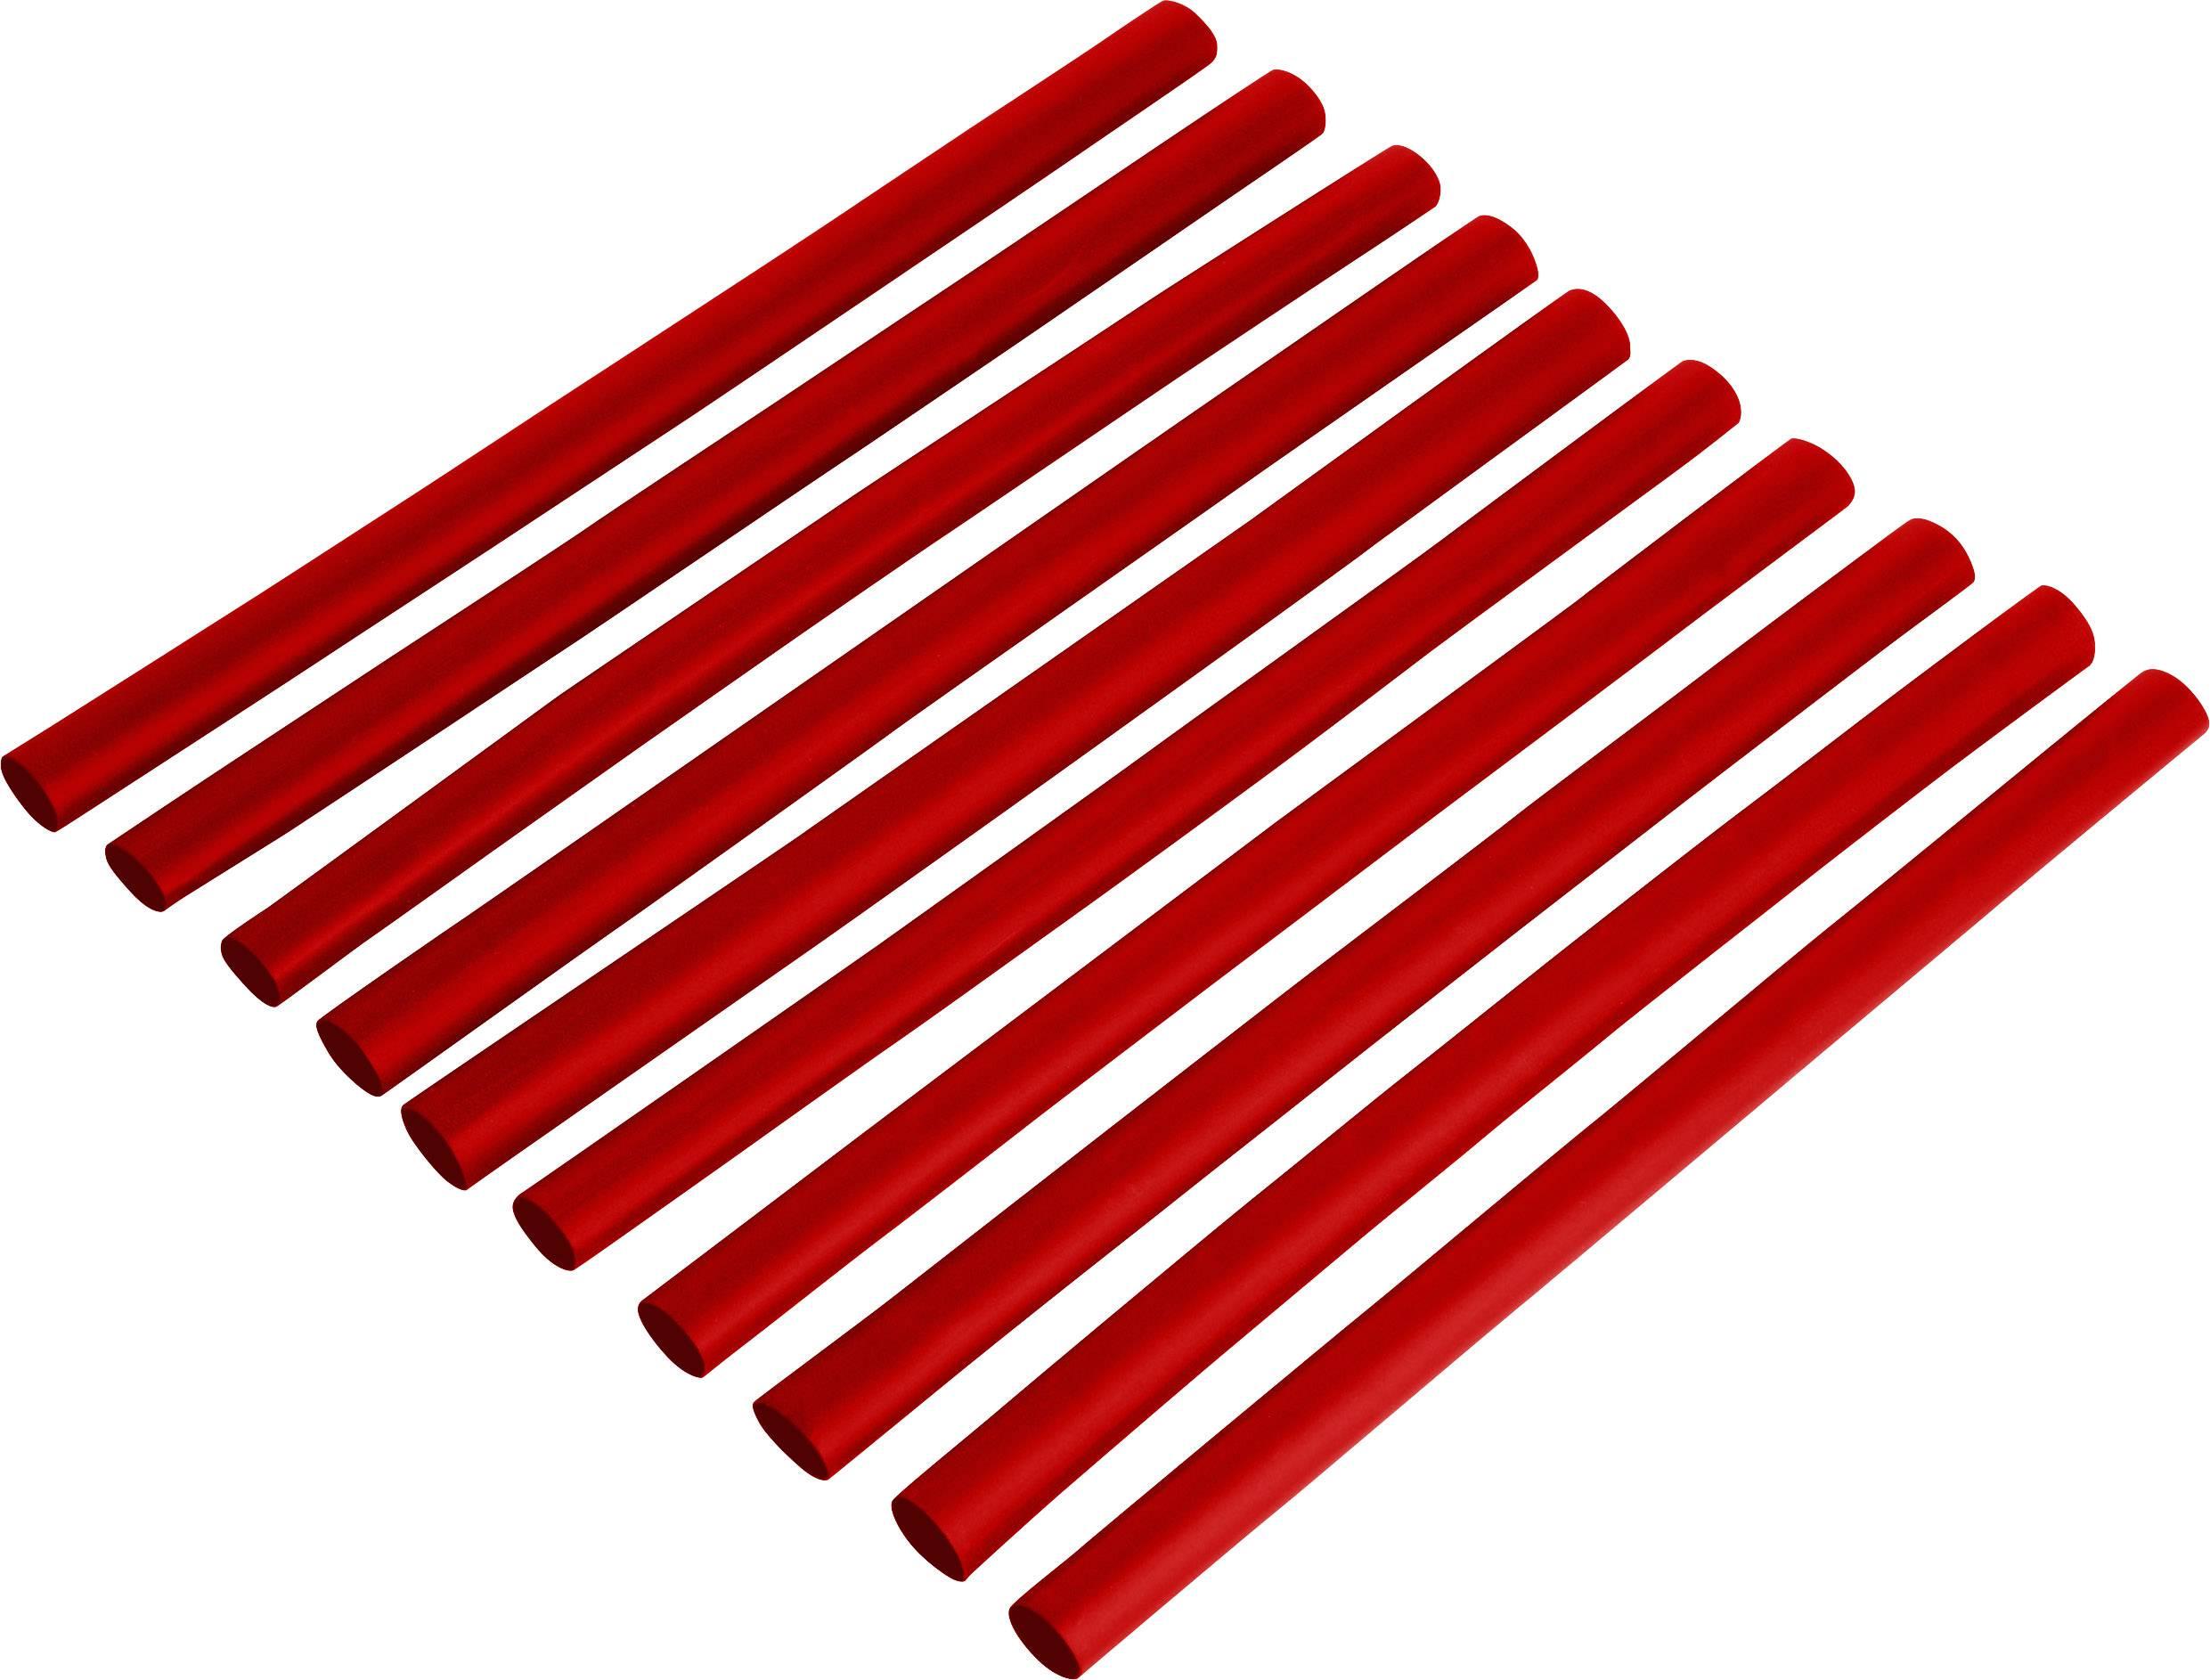 Smršťovací bužírka 3,2/1,6 mm, červená